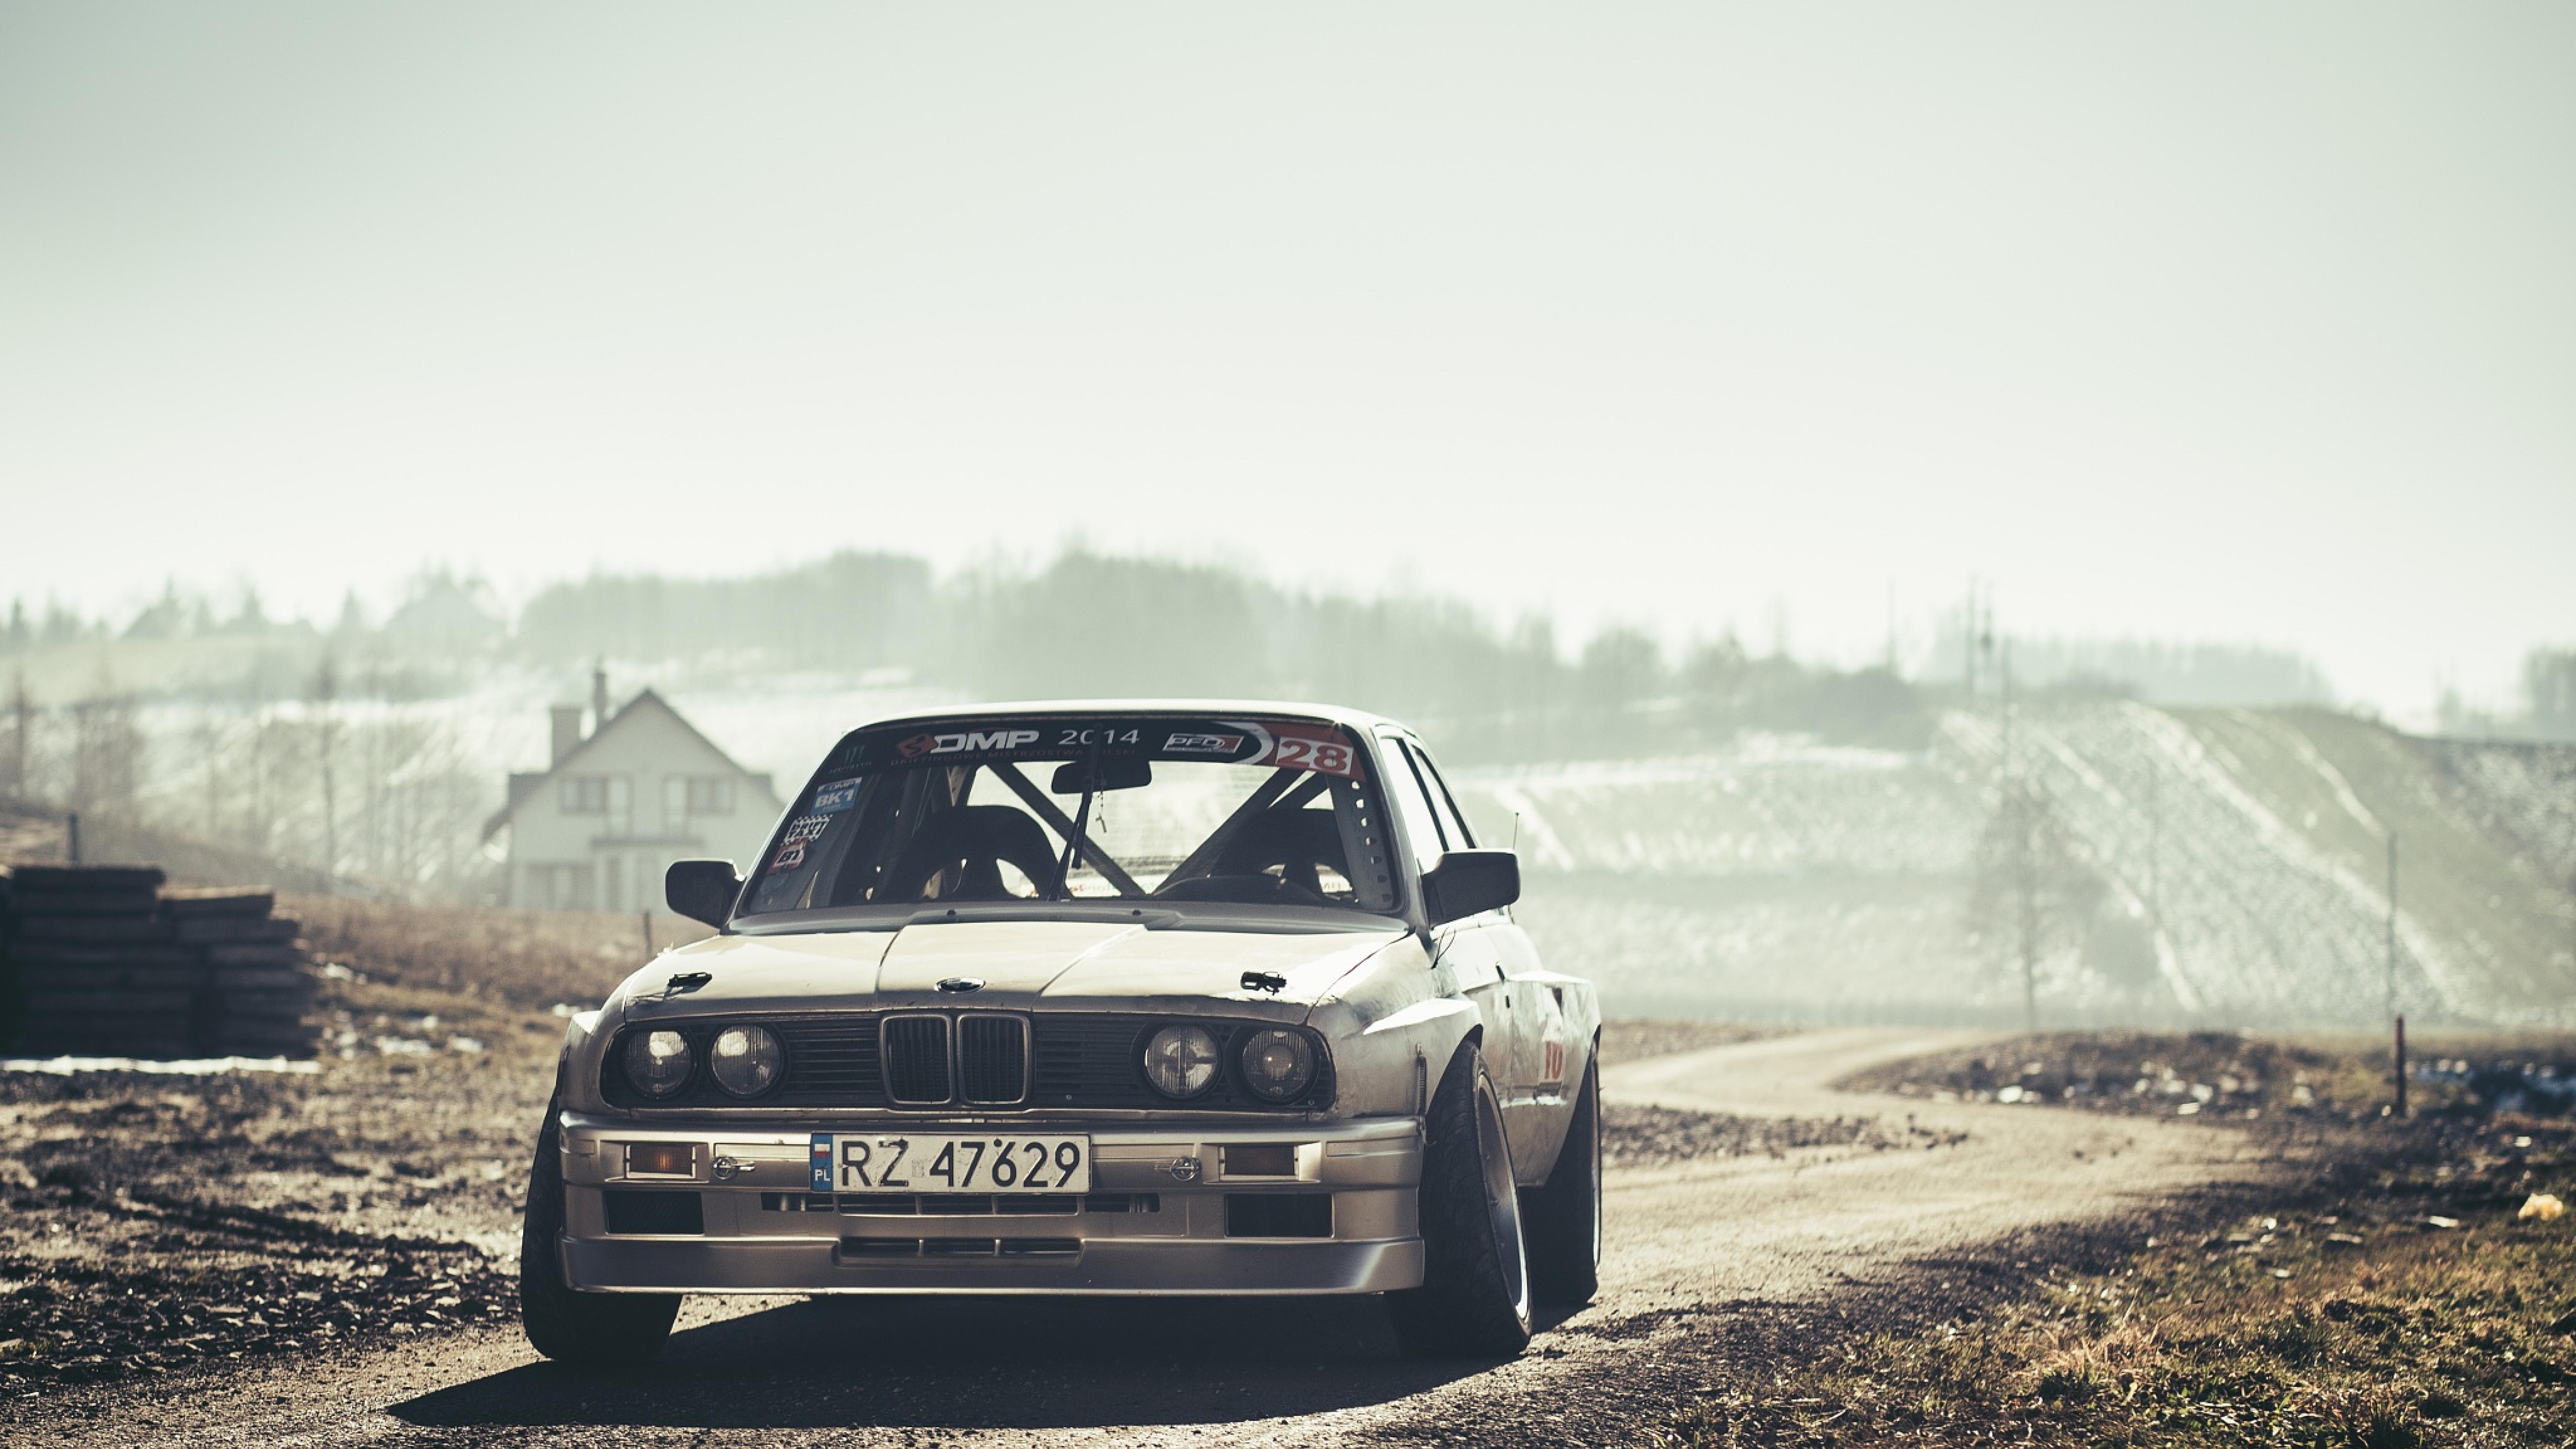 Bmw e30 drift full hd 2k wallpaper - Drift car wallpaper ...